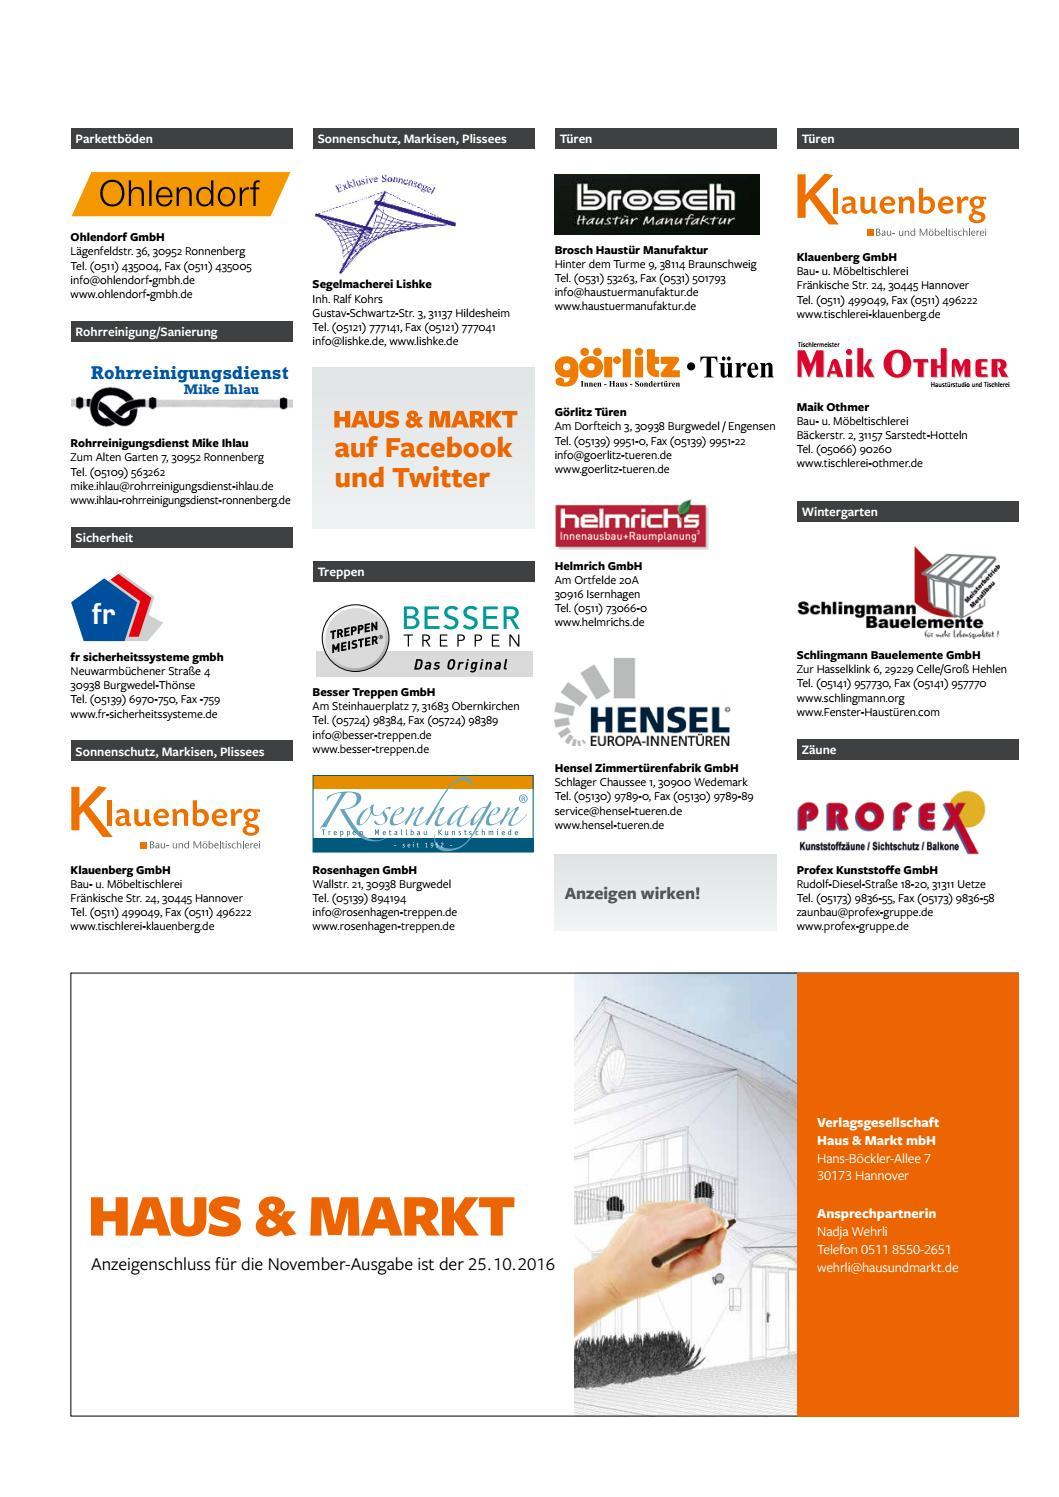 Haus und markt 10 2016 by Schluetersche - issuu